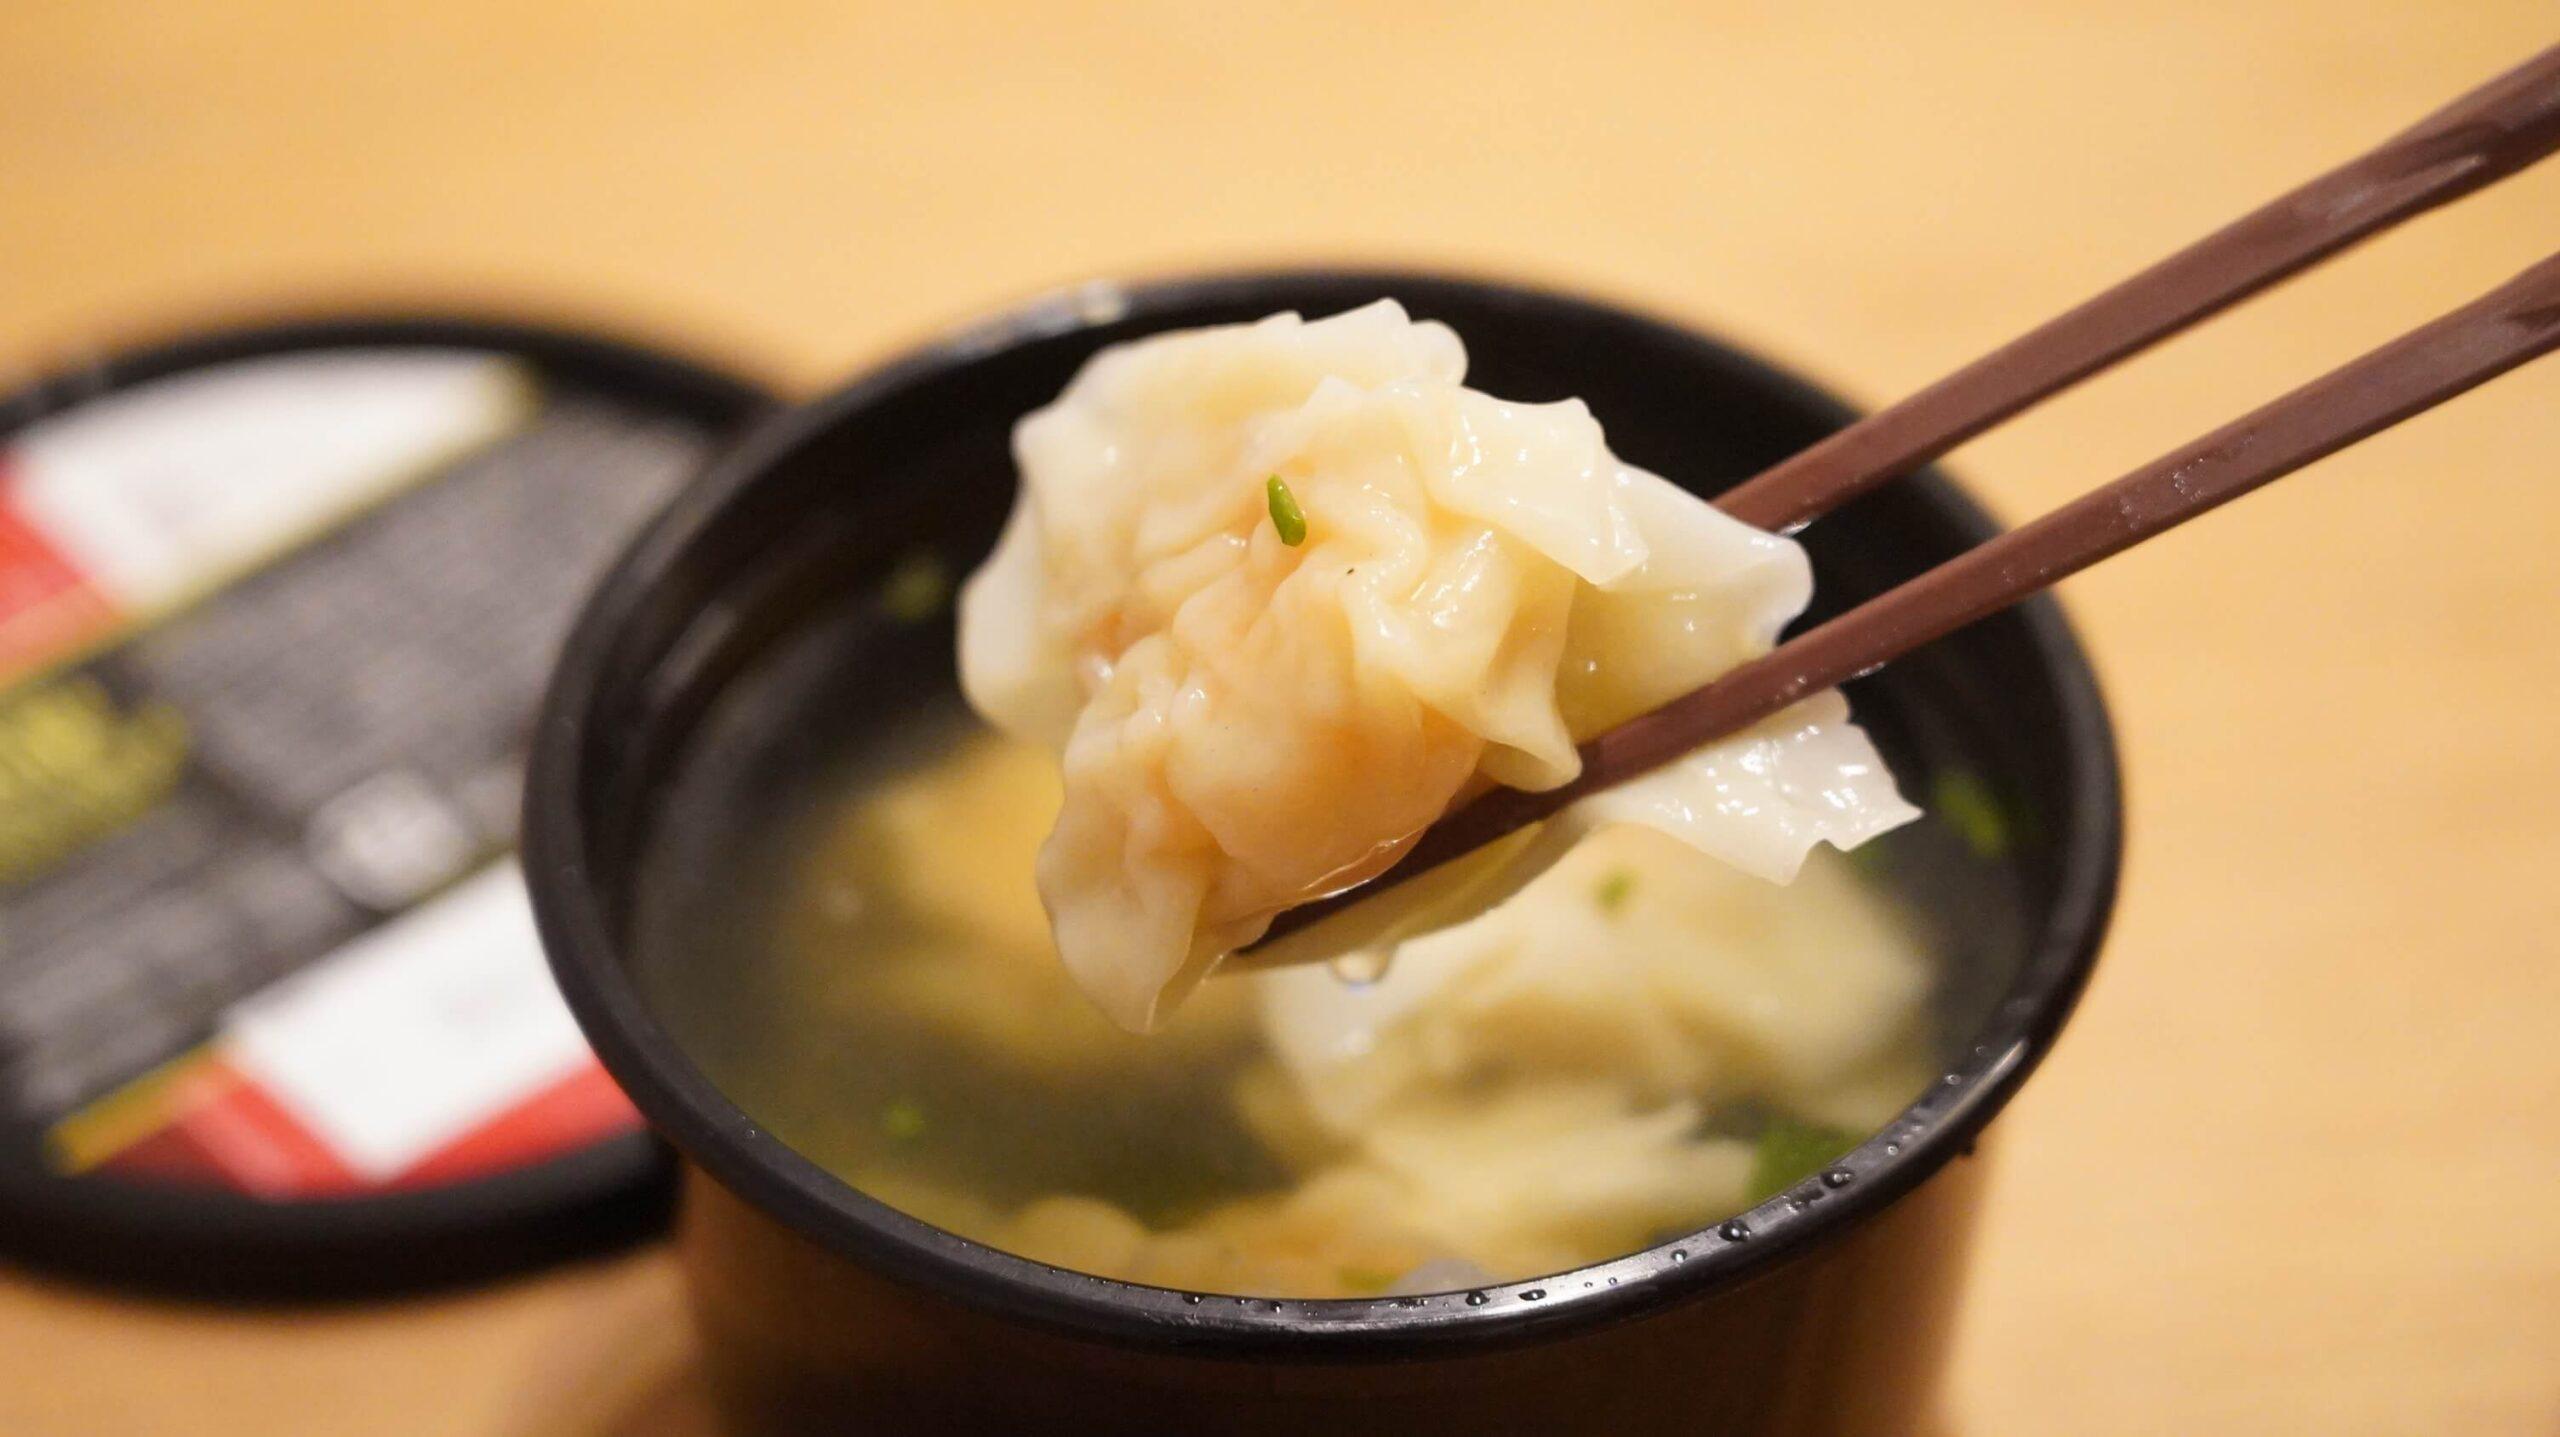 コストコの冷凍食品「海老ワンタンスープ」のワンタンを箸でつまんでいる写真